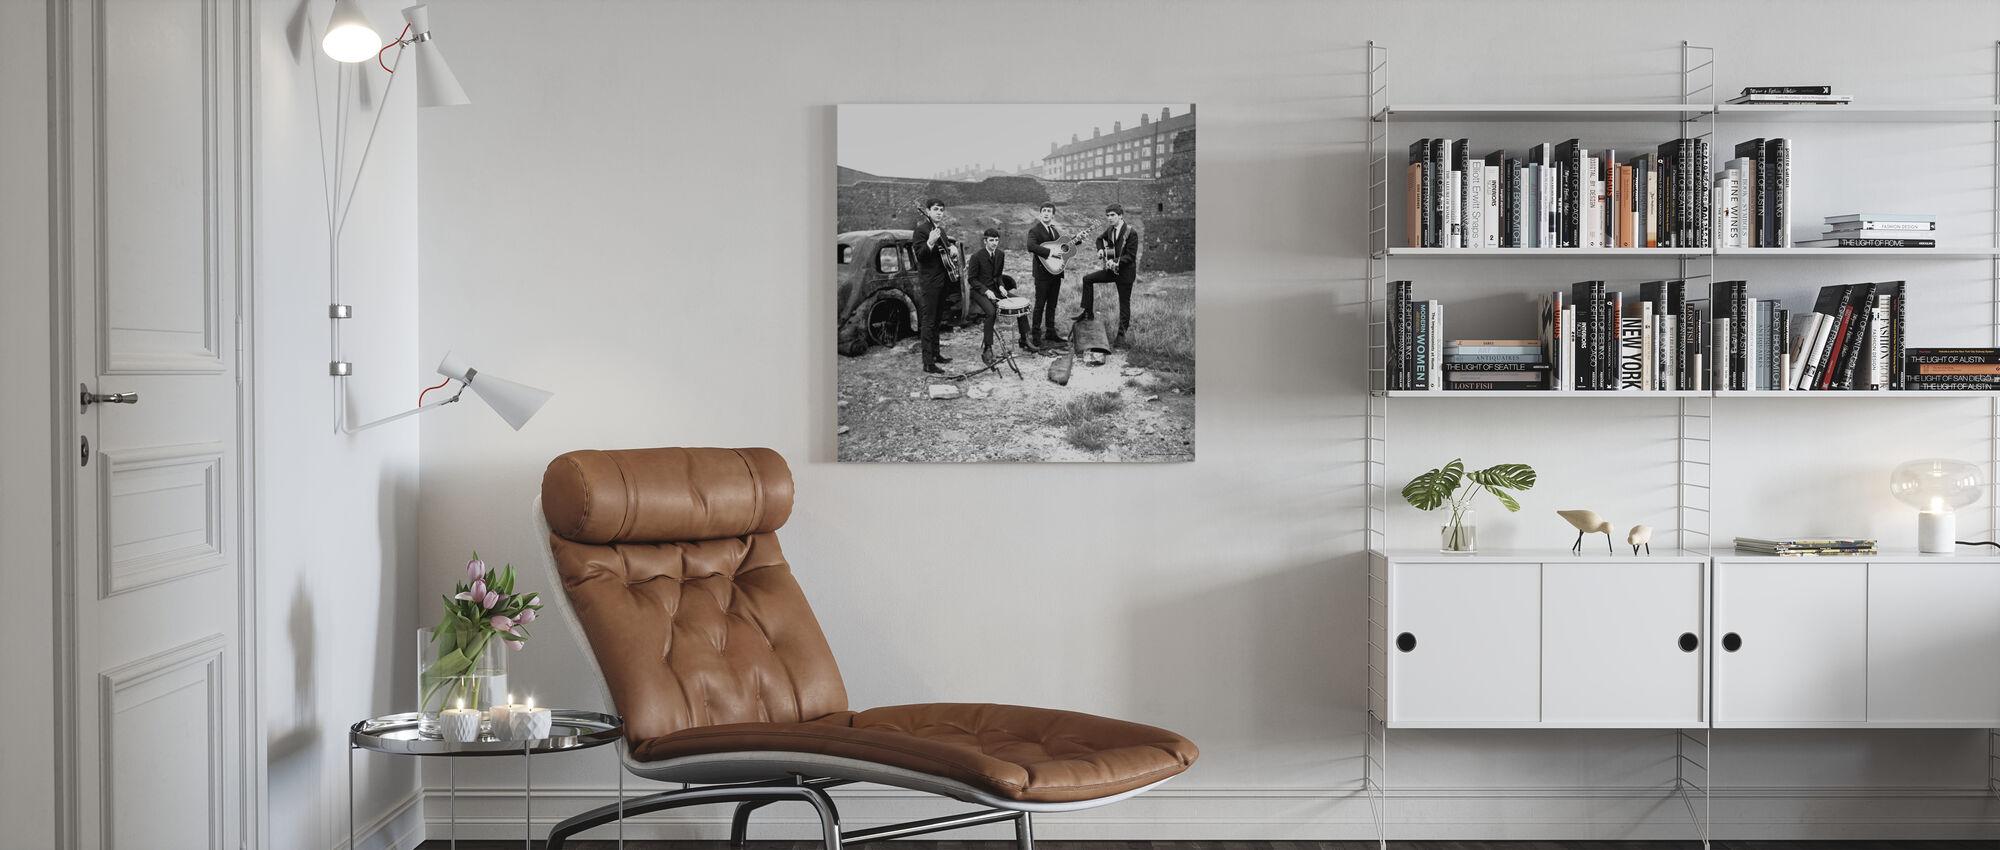 The Beatles - forladte bil - Billede på lærred - Stue